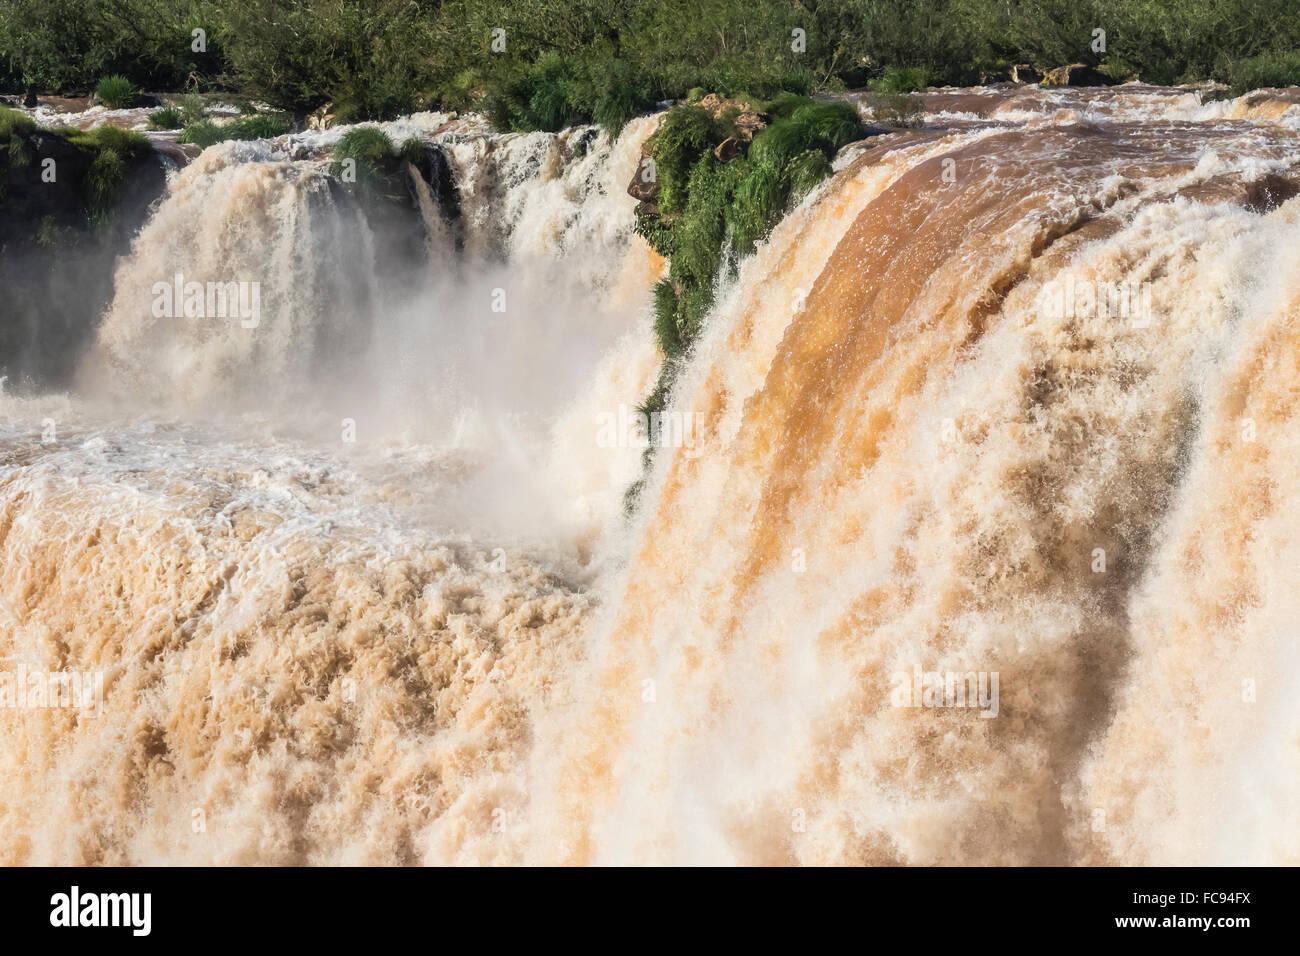 The Devil's Throat (Garganta del Diablo), Iguazu Falls National Park, UNESCO World Heritage Site, Misiones, - Stock Image